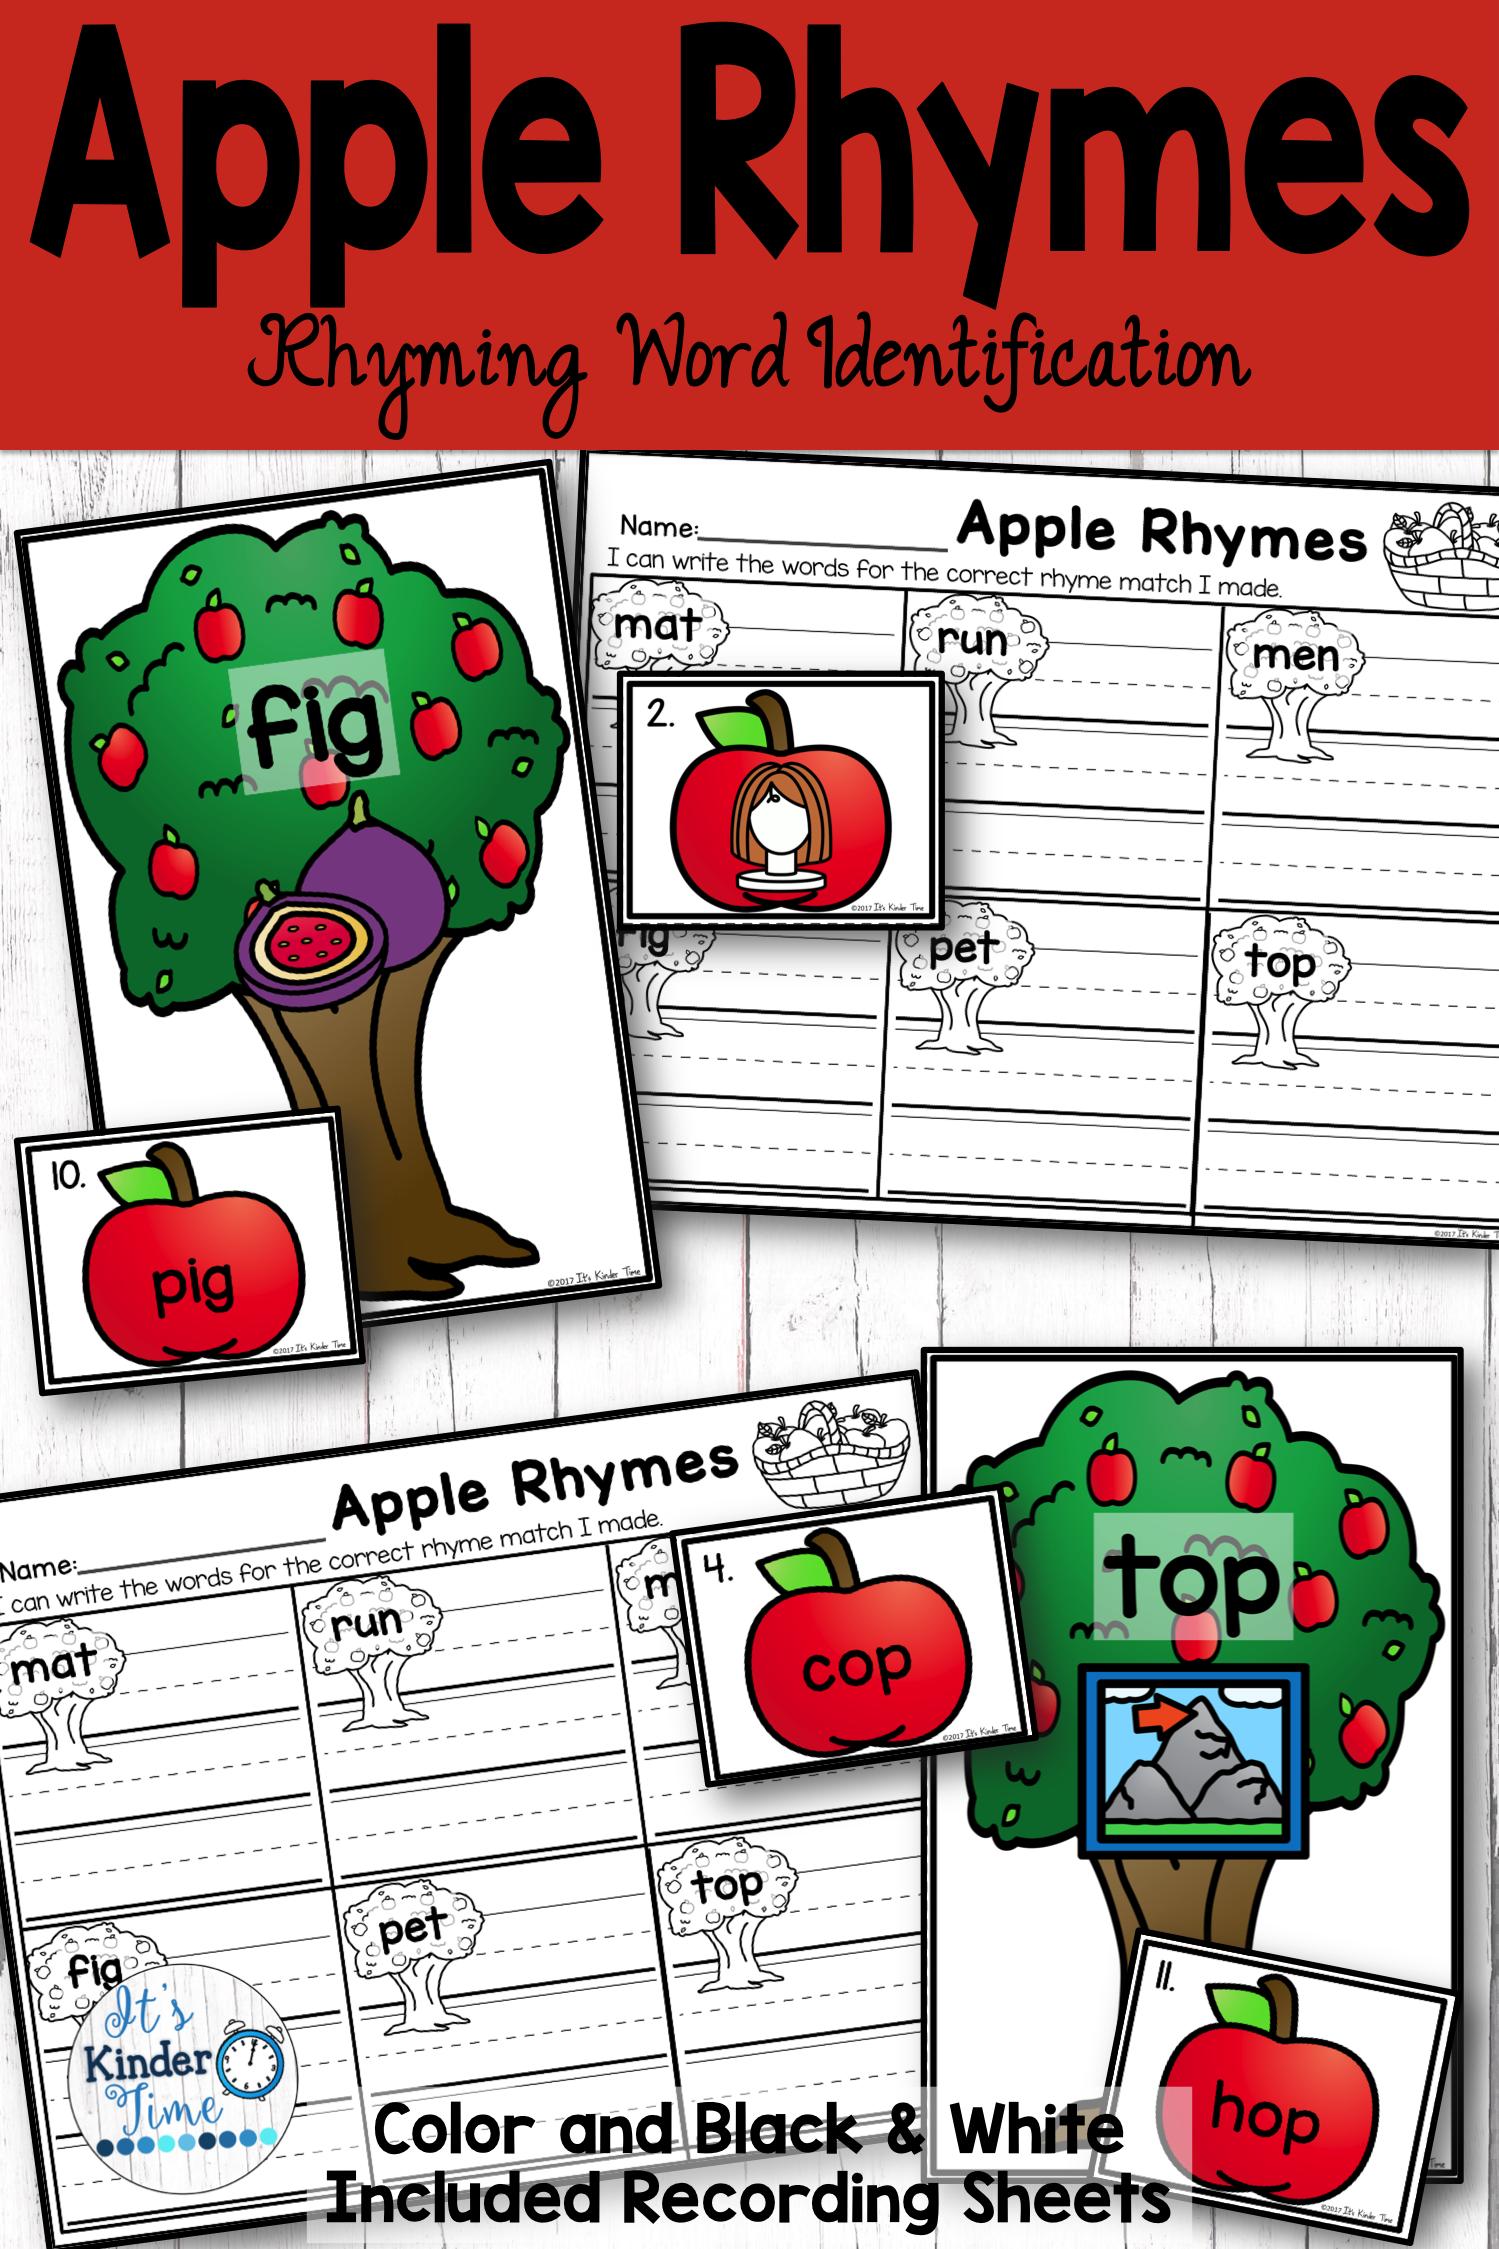 Apple Rhymes